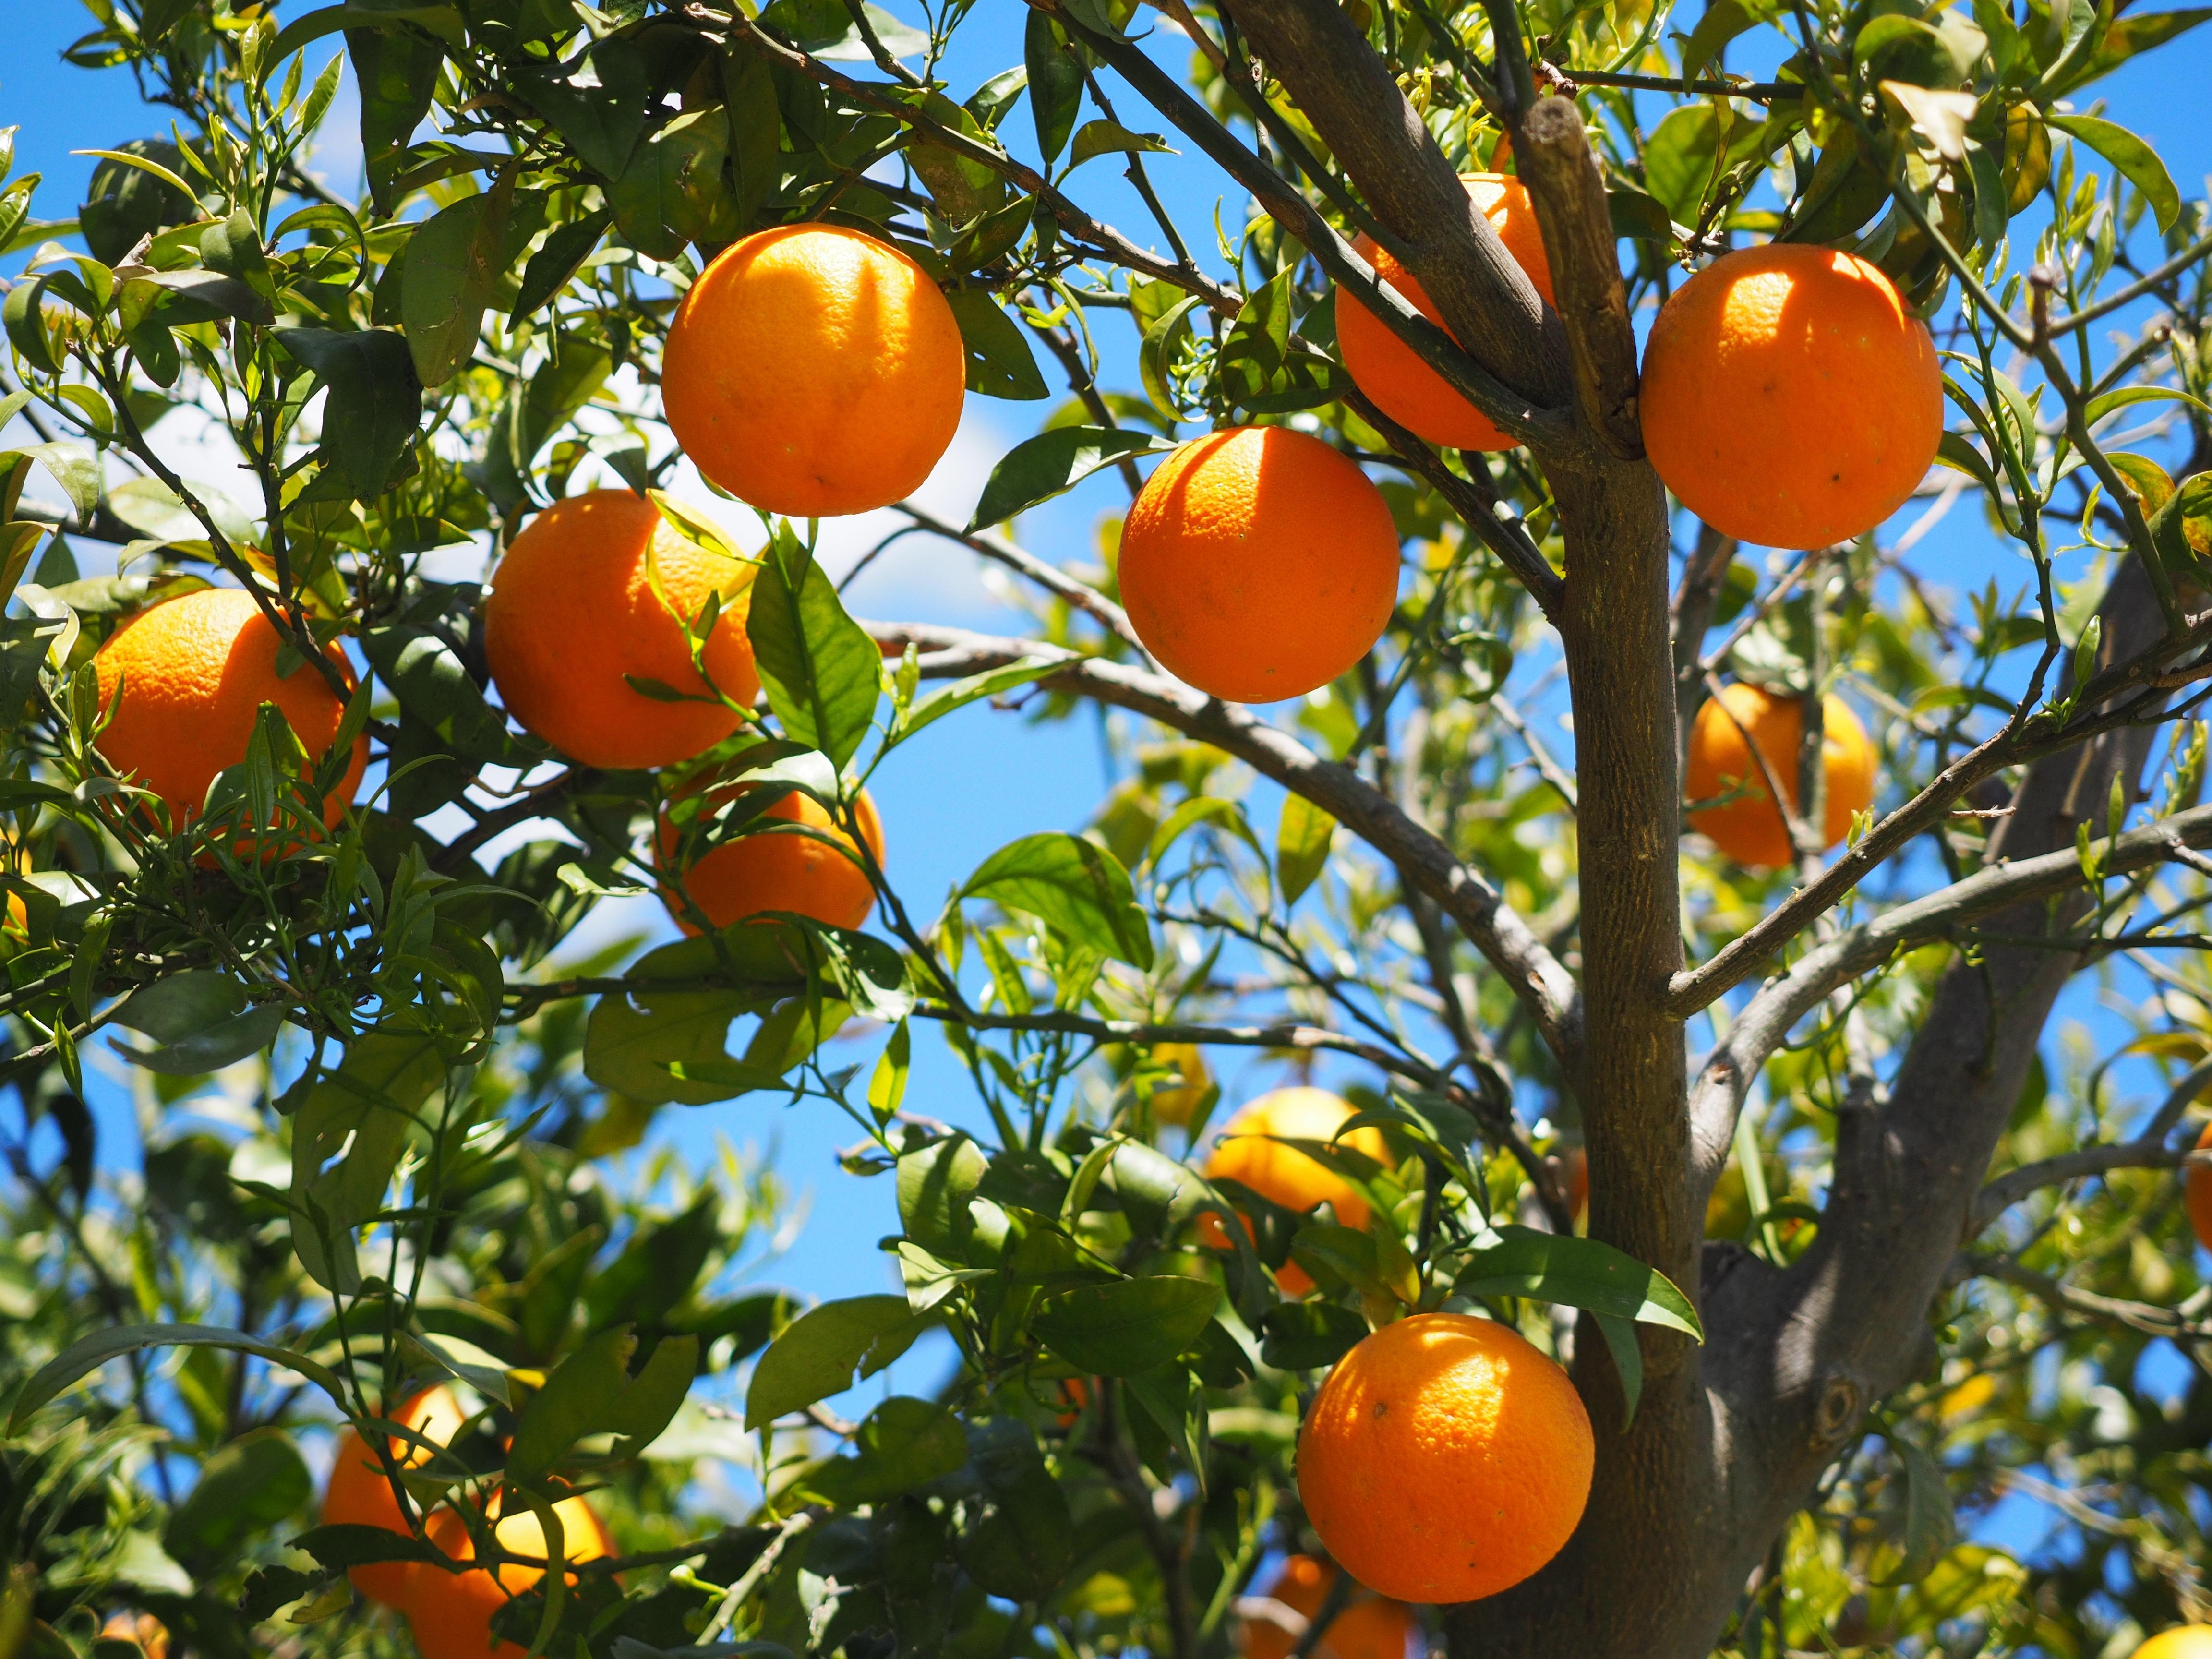 81234 Заставки и Обои Еда на телефон. Скачать Апельсины, Еда, Фрукты, Цитрусы, Апельсиновое Дерево картинки бесплатно